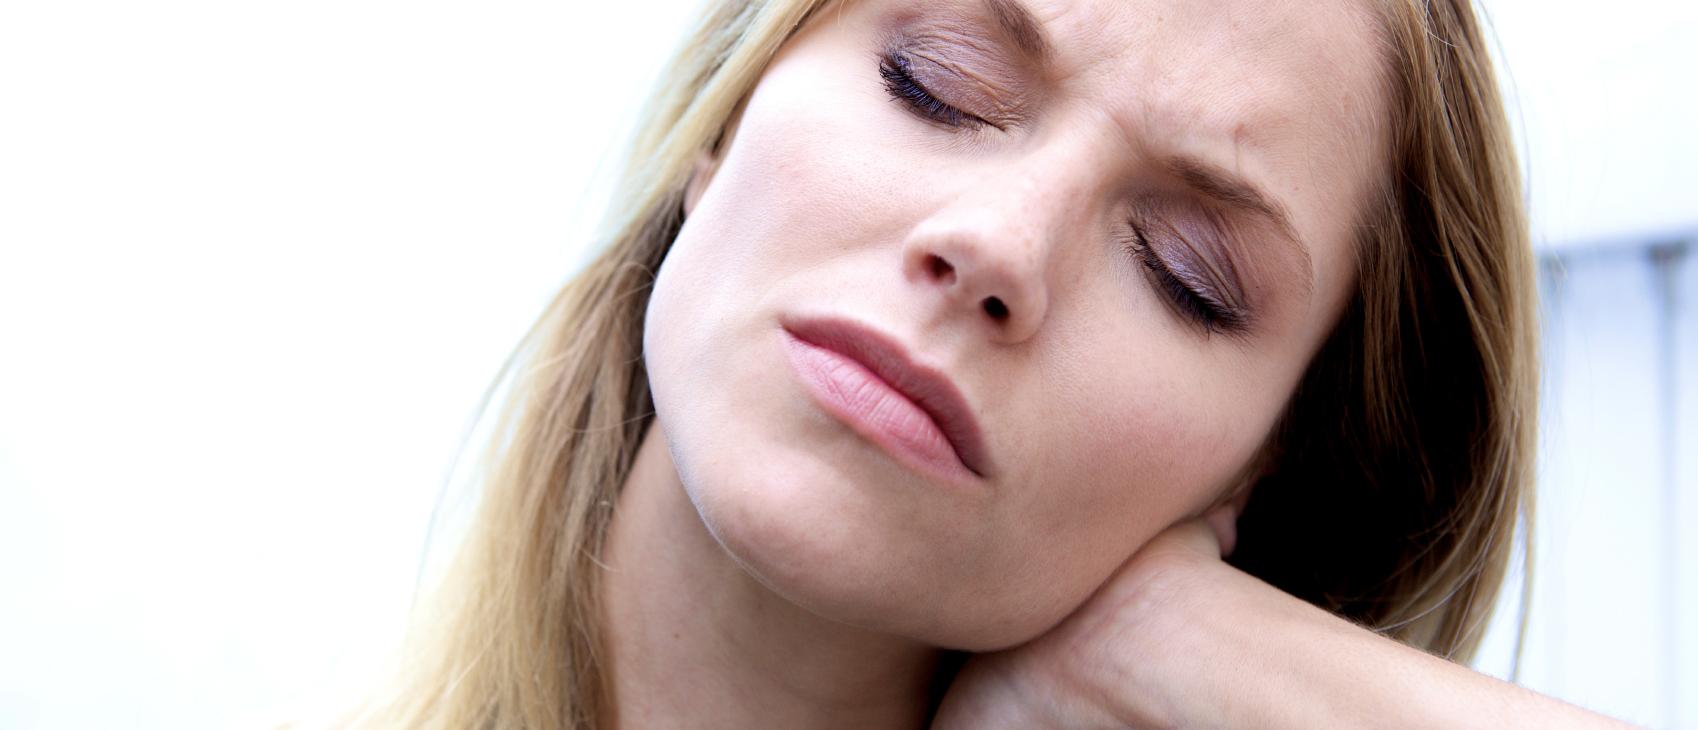 Nakkesmerter svimmelhet og kvalme